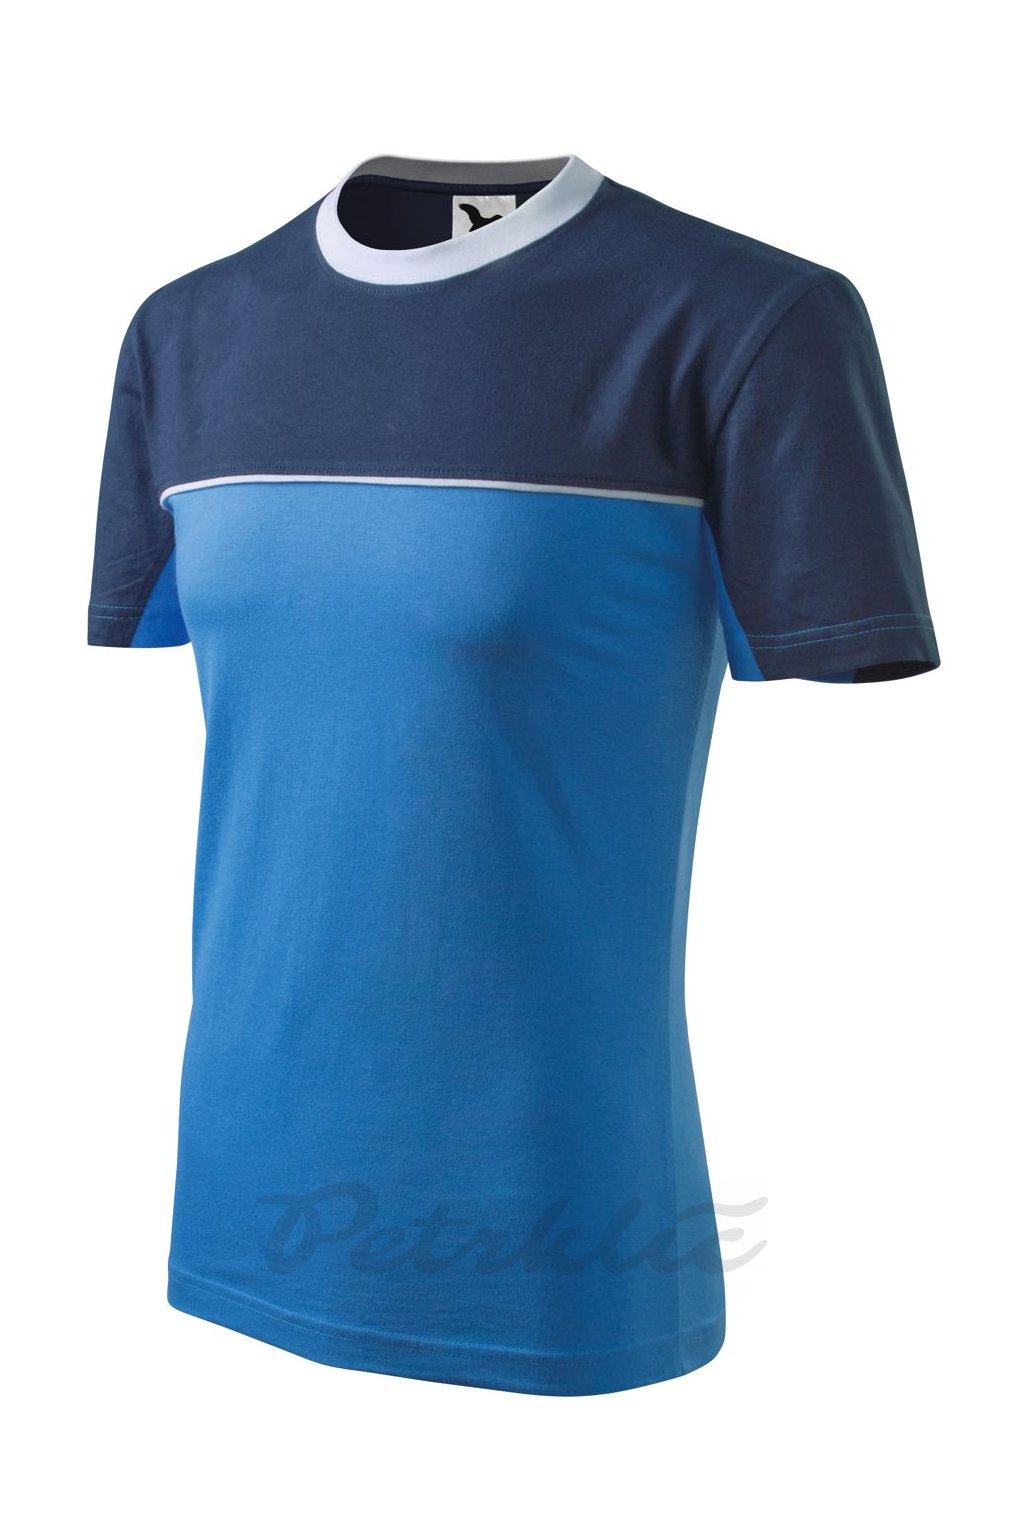 Tričko Colormix azurově modrá